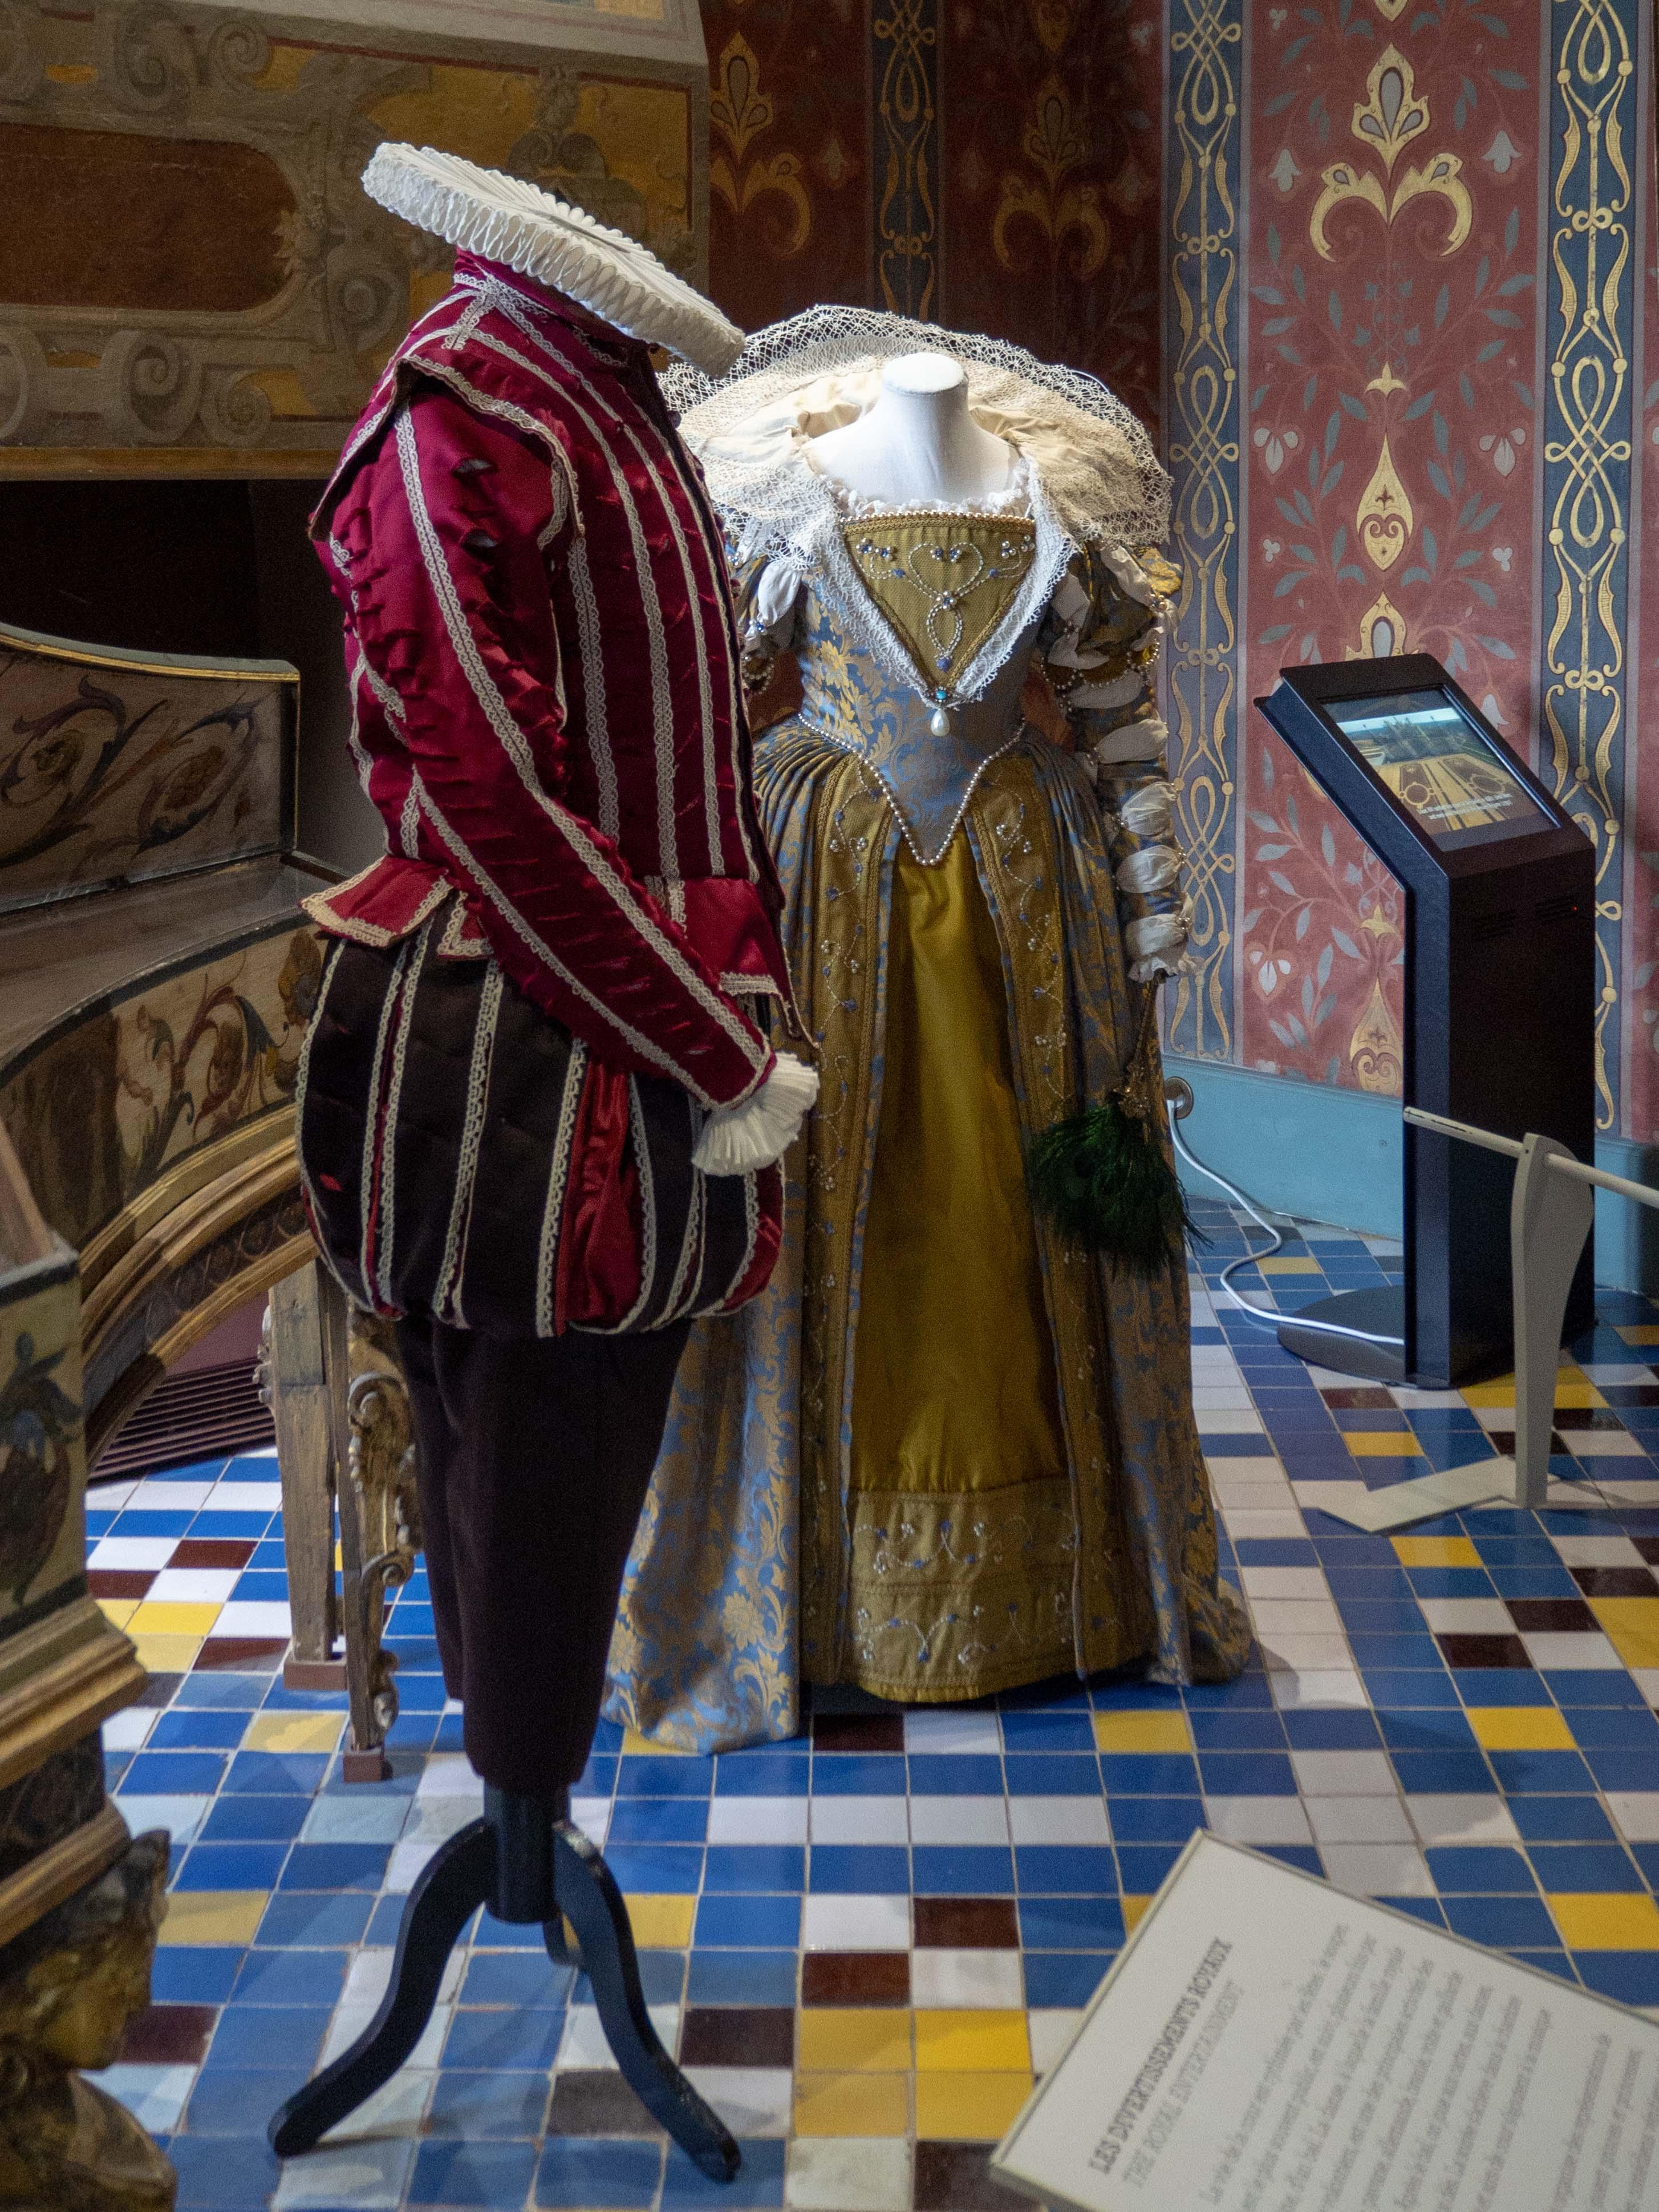 Exposition de costumes anciens - Château de Blois - Un Jour de Neige